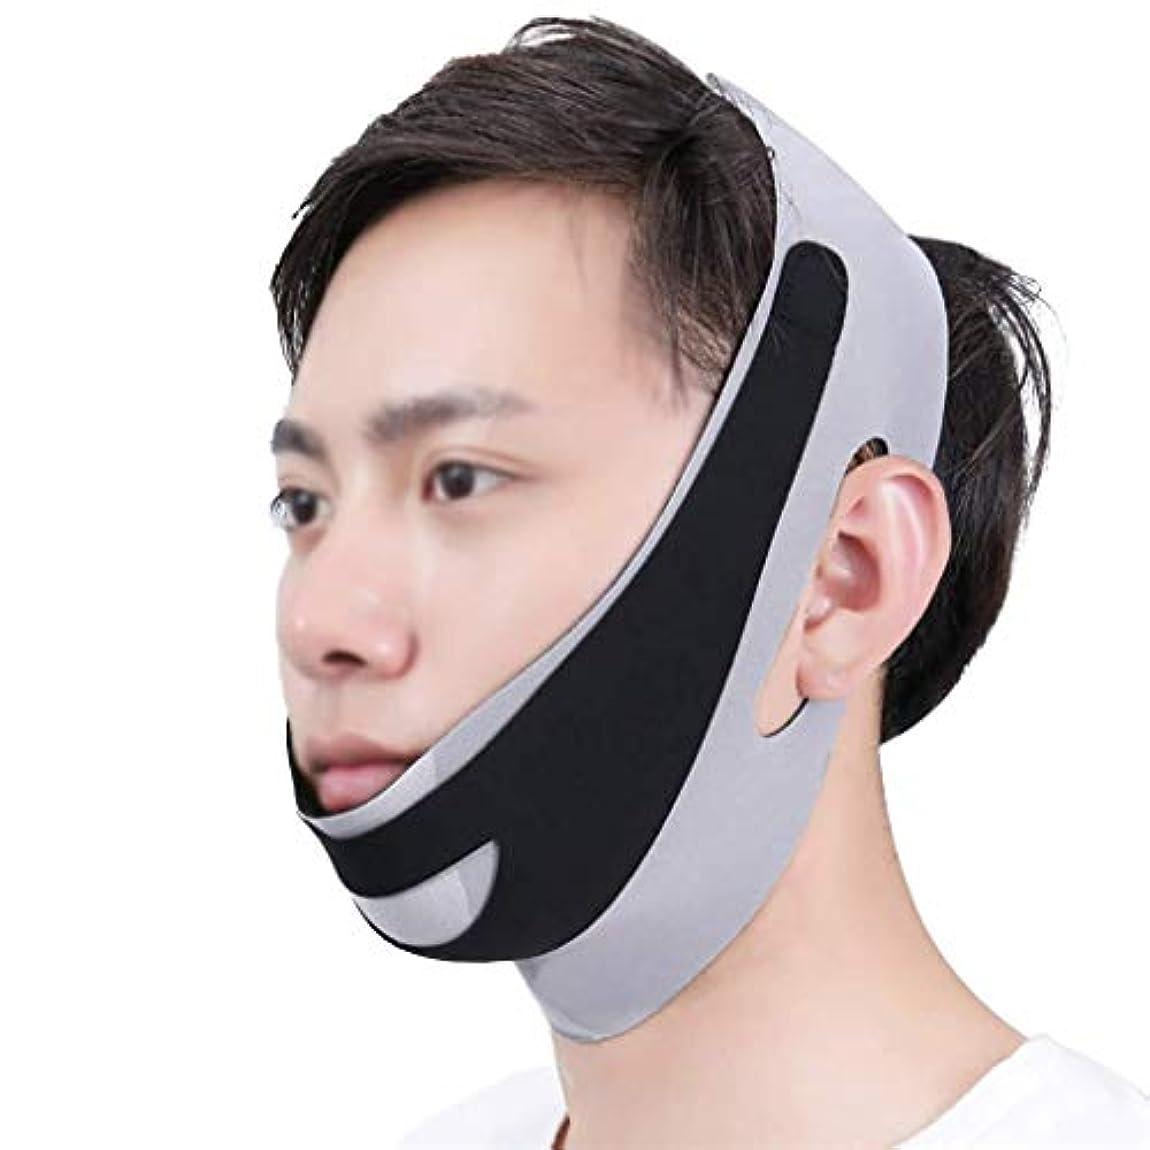 徒歩で丈夫かもしれないフェイスアンドネックリフト術後弾性フェイスマスク小さなV顔アーティファクト薄い顔包帯アーティファクトV顔ぶら下げ耳リフティング引き締め男性の顔アーティファクト